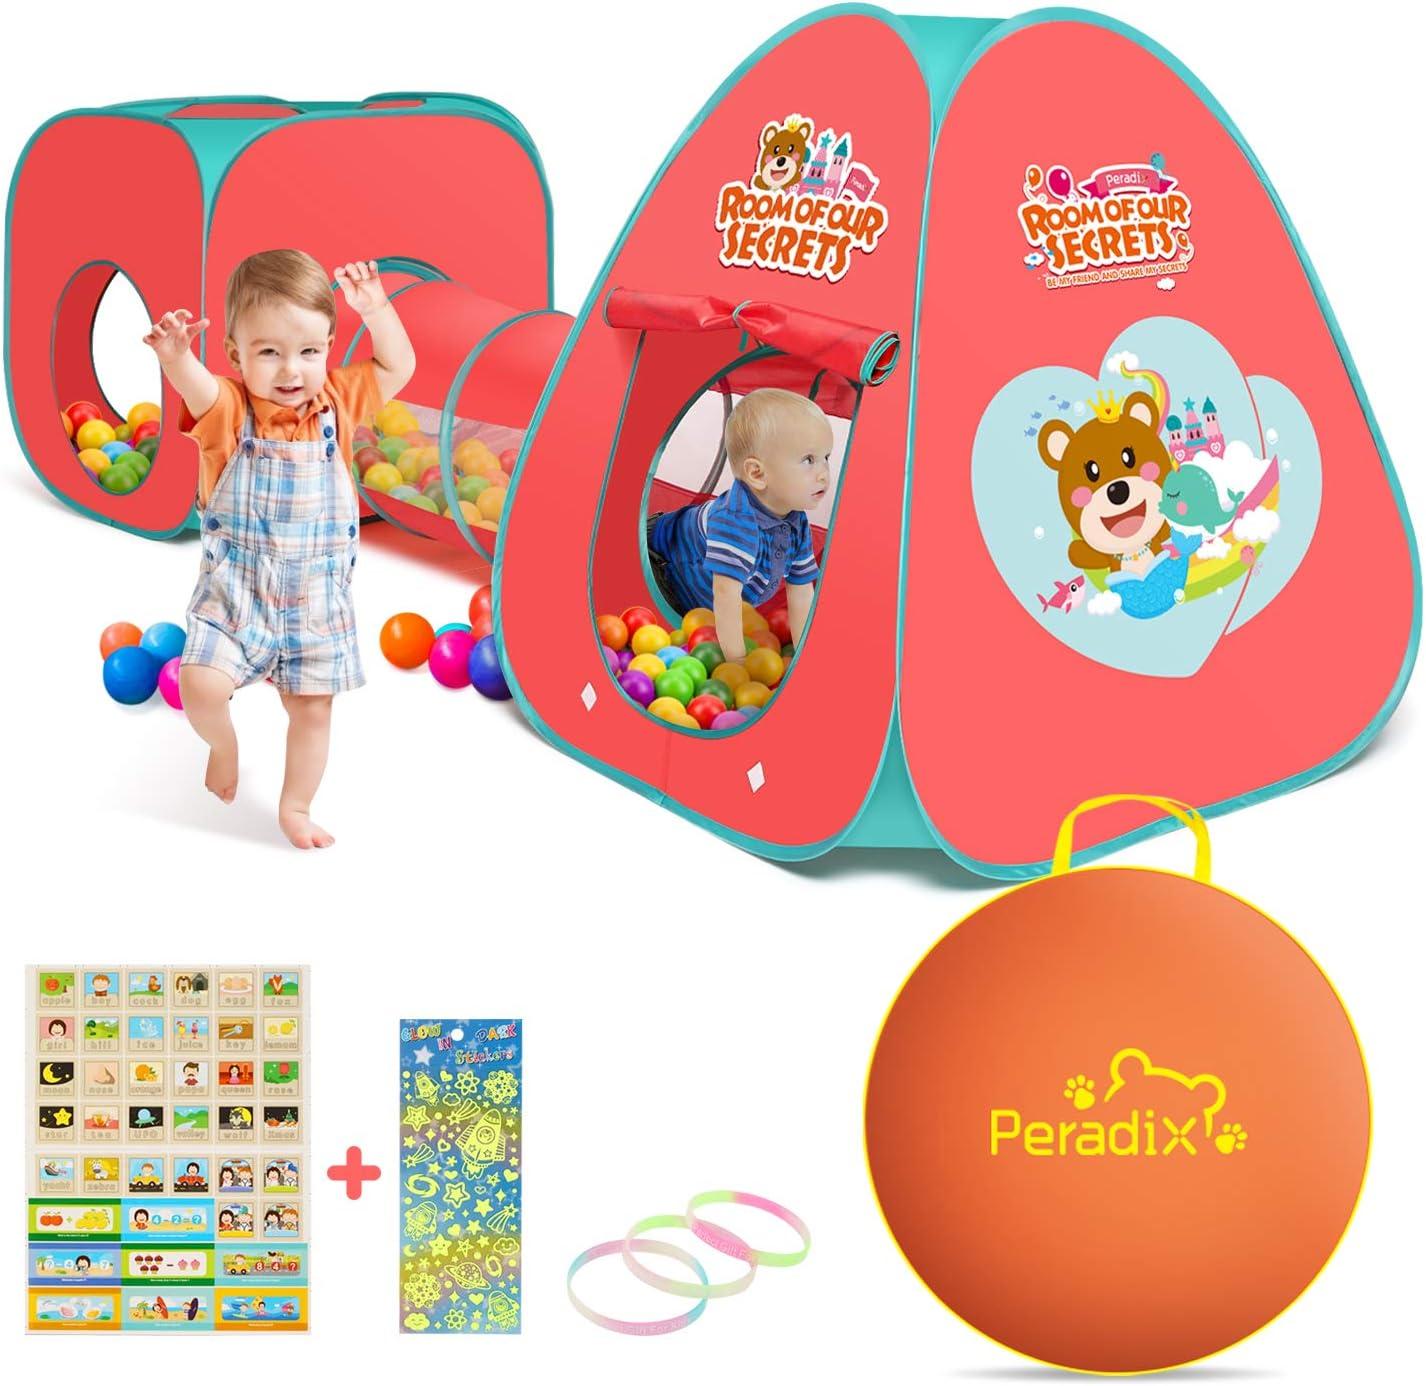 Peradix Túnel del Juego Infantil,3 en 1 Túnel del Juego y la Tienda de Campaña,Pop Up Tienda Campaña para Niños Interior Exterior Playhouse con Cuadro de Baloncesto Plegable (Bolas NO Incluido)